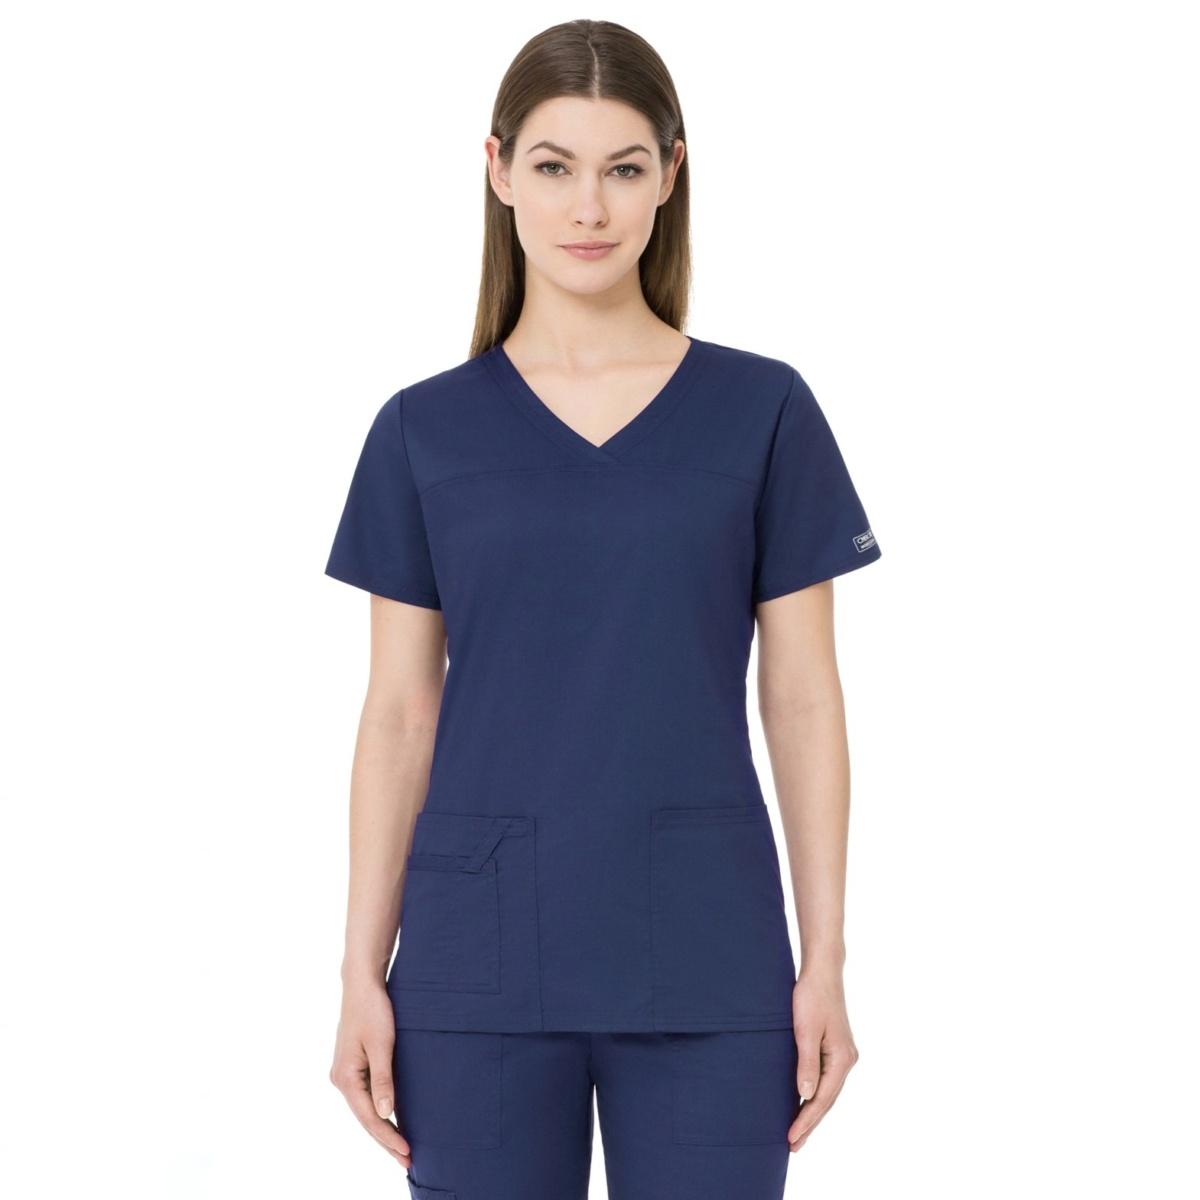 Приталенный женский медицинский костюм Core Stretch из твила цвет - синий